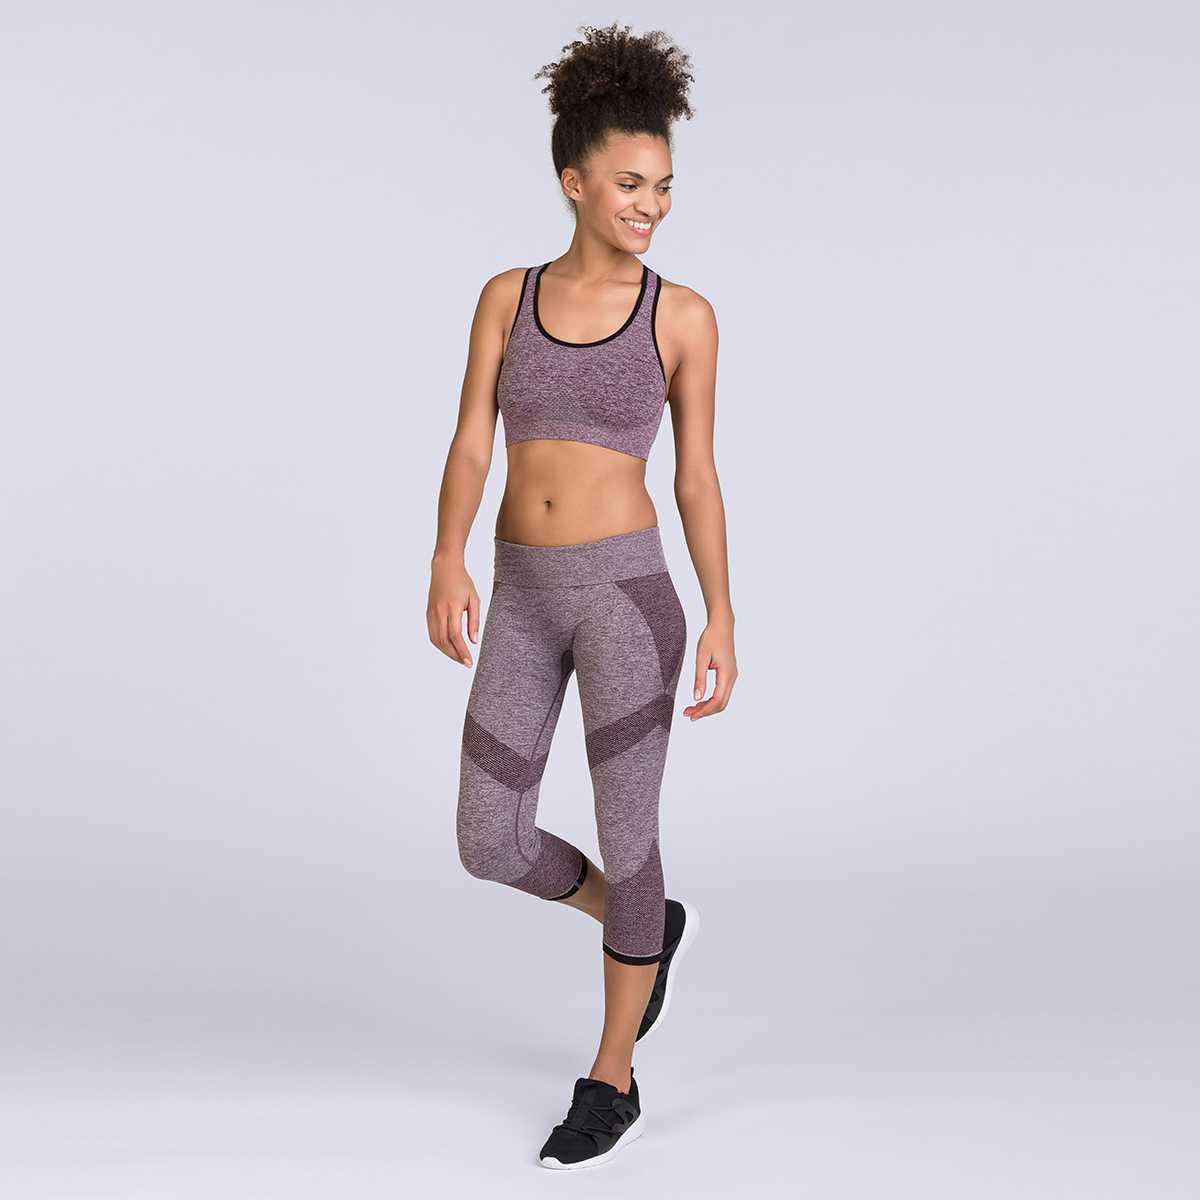 De Look Femme Sport Respirants Sportif Vêtements nvmN80w